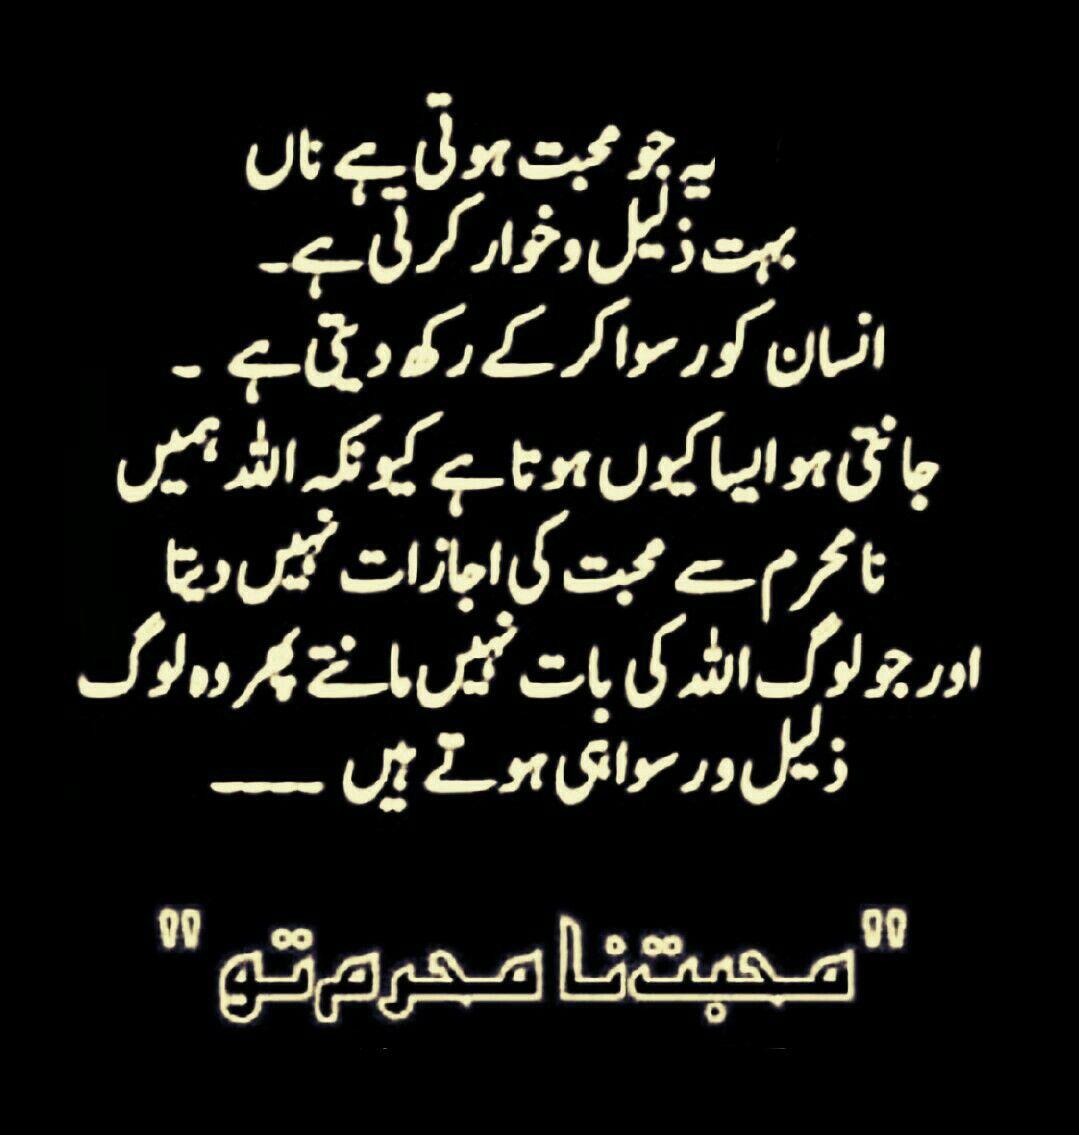 Mohabbat Namehram Tu   ❣ | Urdu NoVels    | Urdu quotes